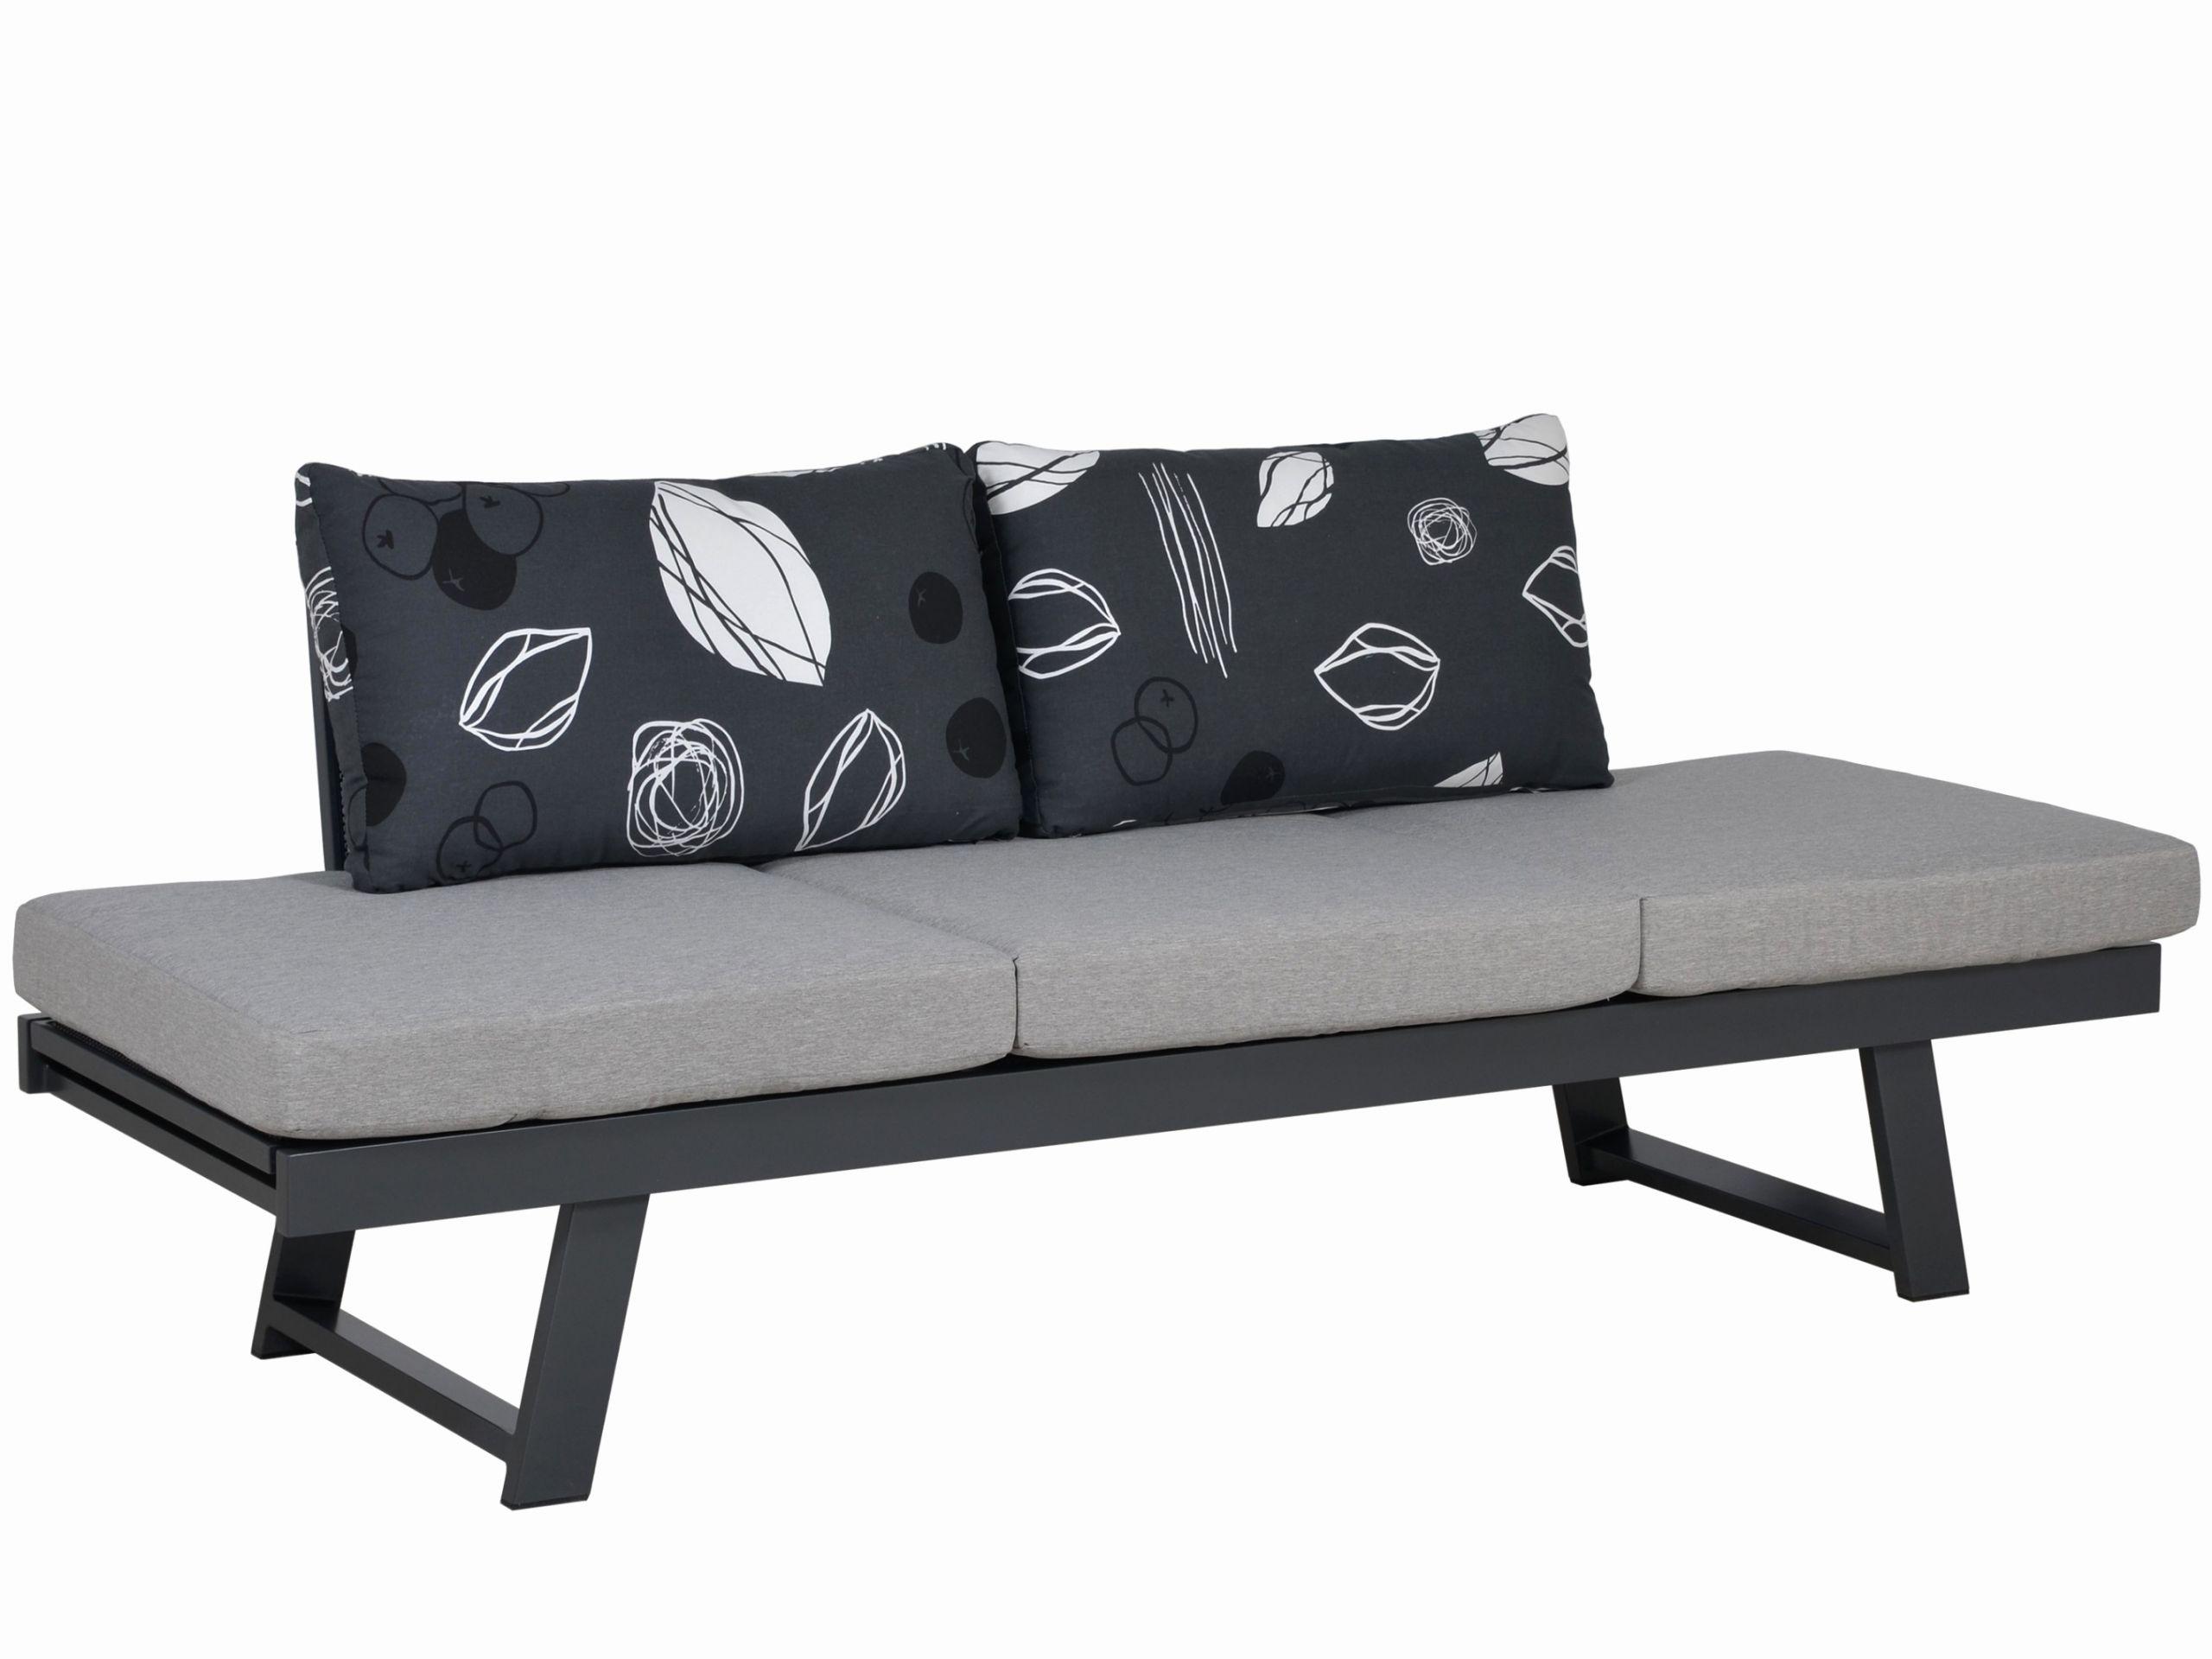 Gartensofa 3 Sitzer Inspirierend 3er sofa Outdoor